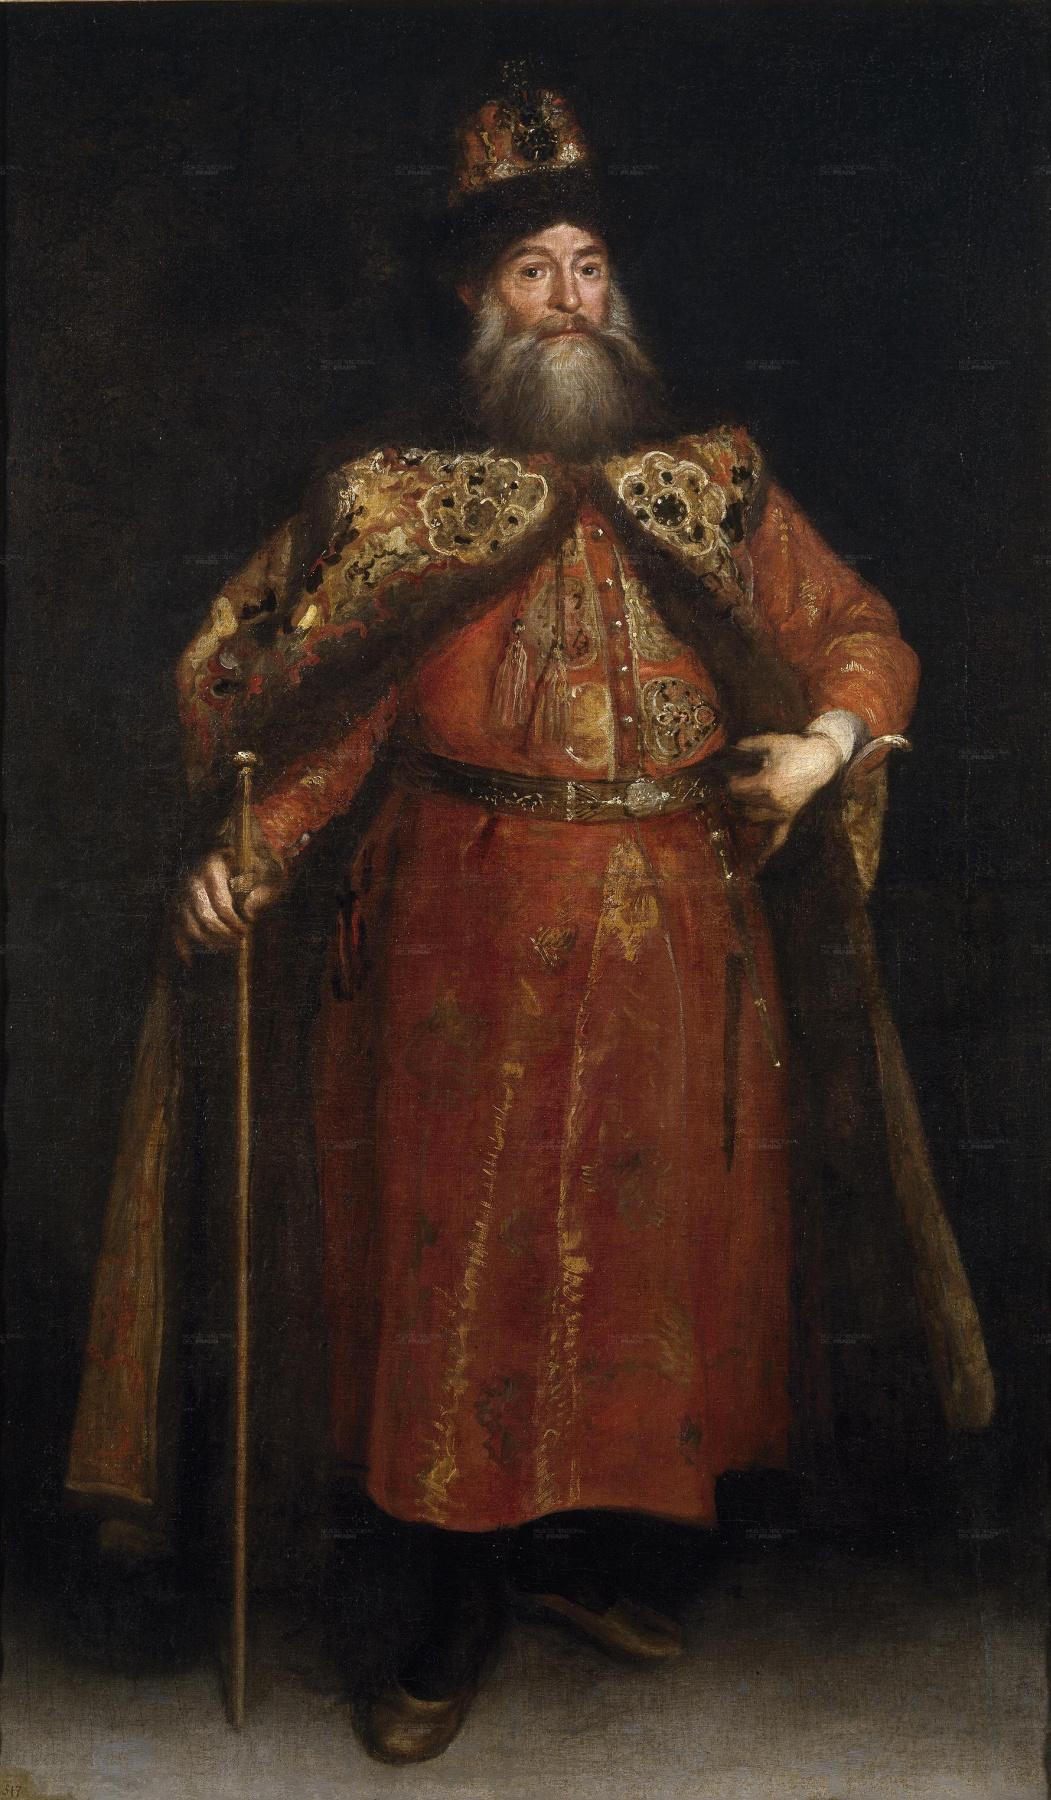 Juan Carreno de Miranda. Портрет русского посла Петра Ивановича Потемкина